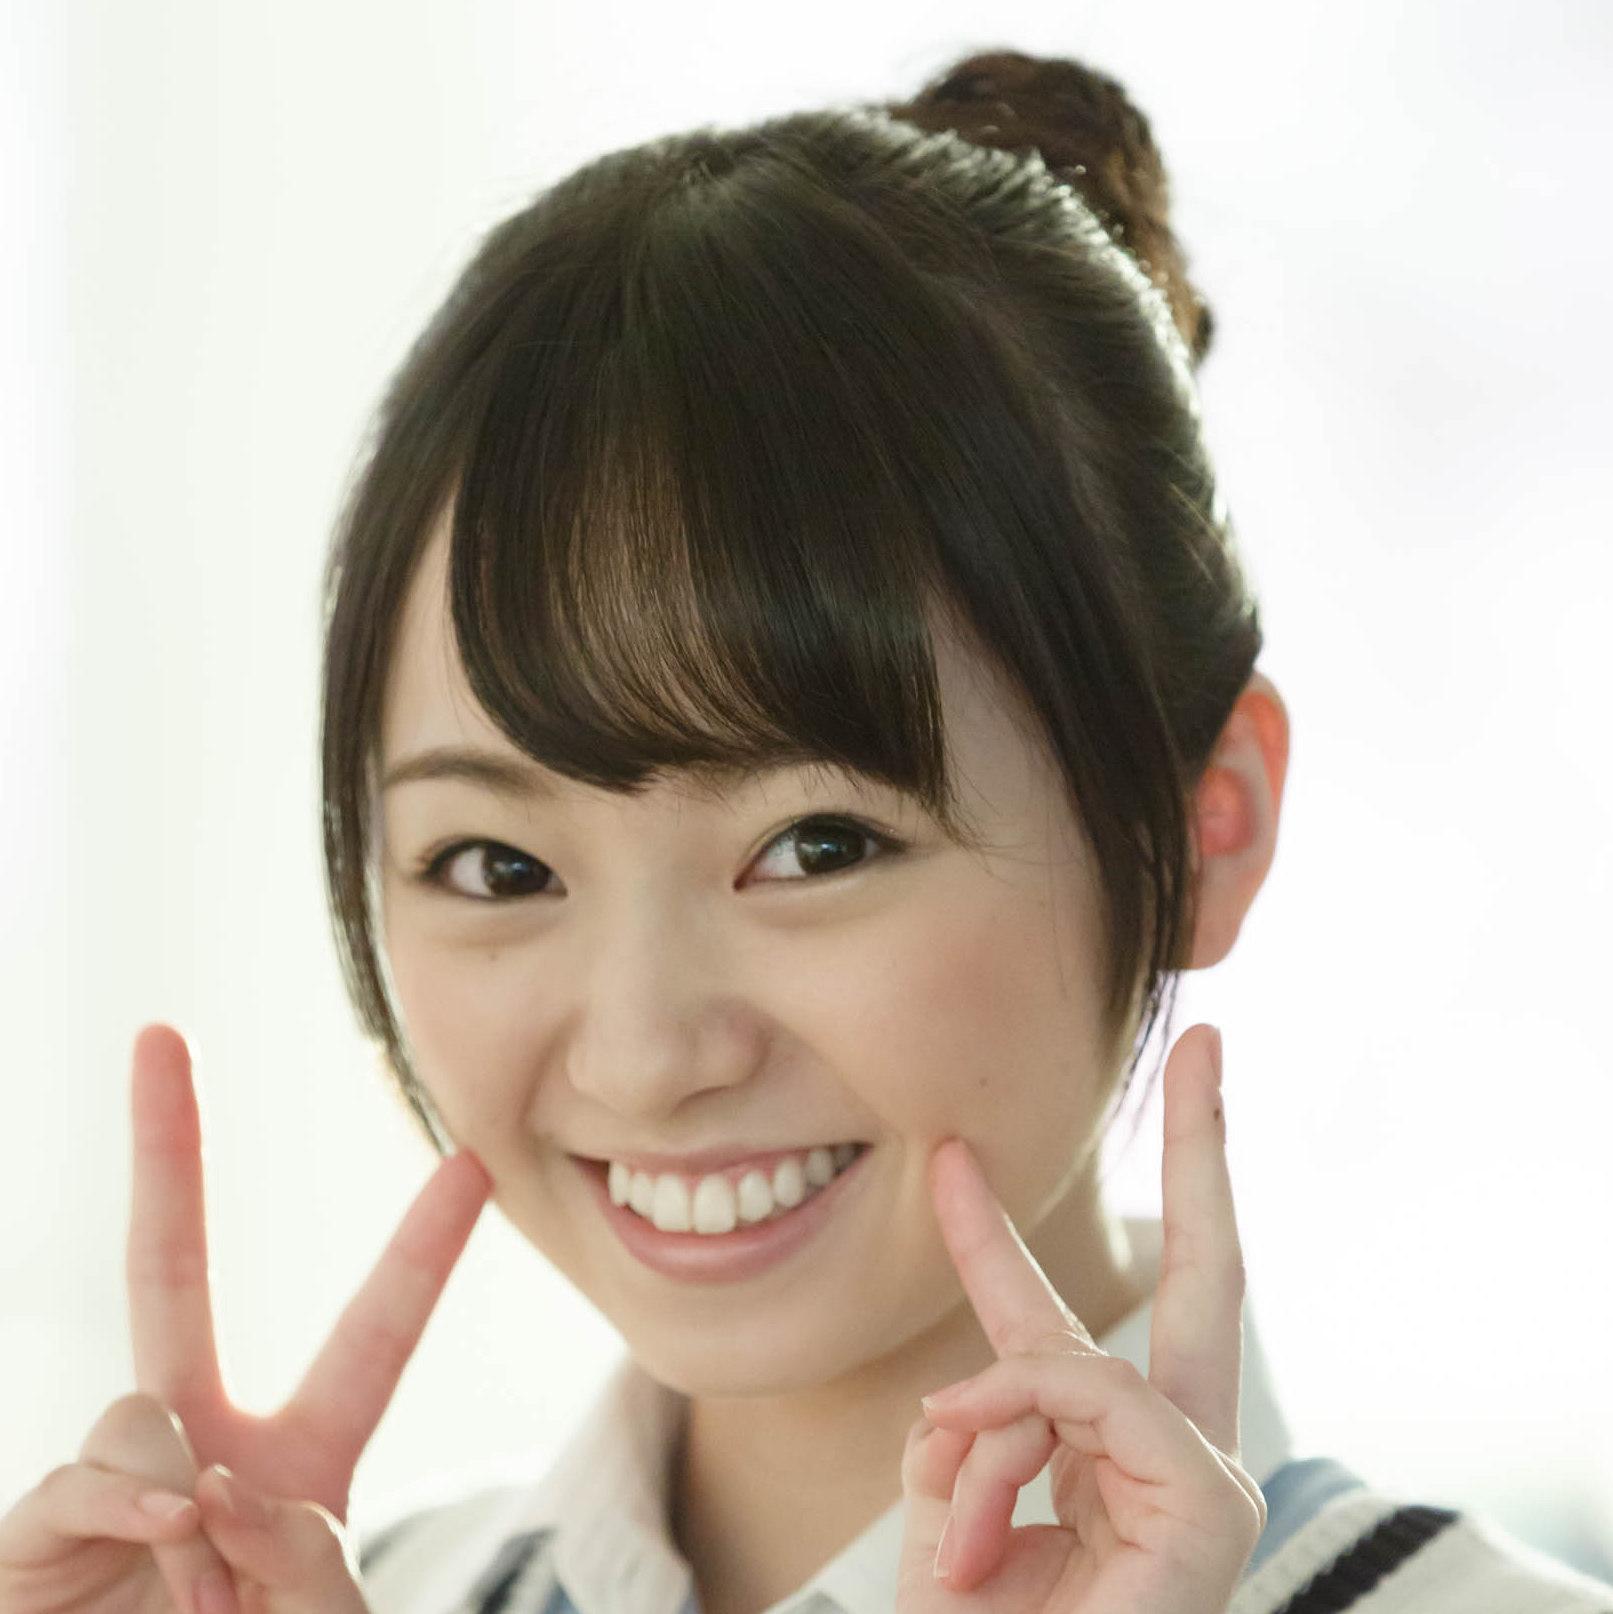 欅坂46・今泉佑唯さん<br />「今は女優さんになりたい! なんて考えちゃいます」